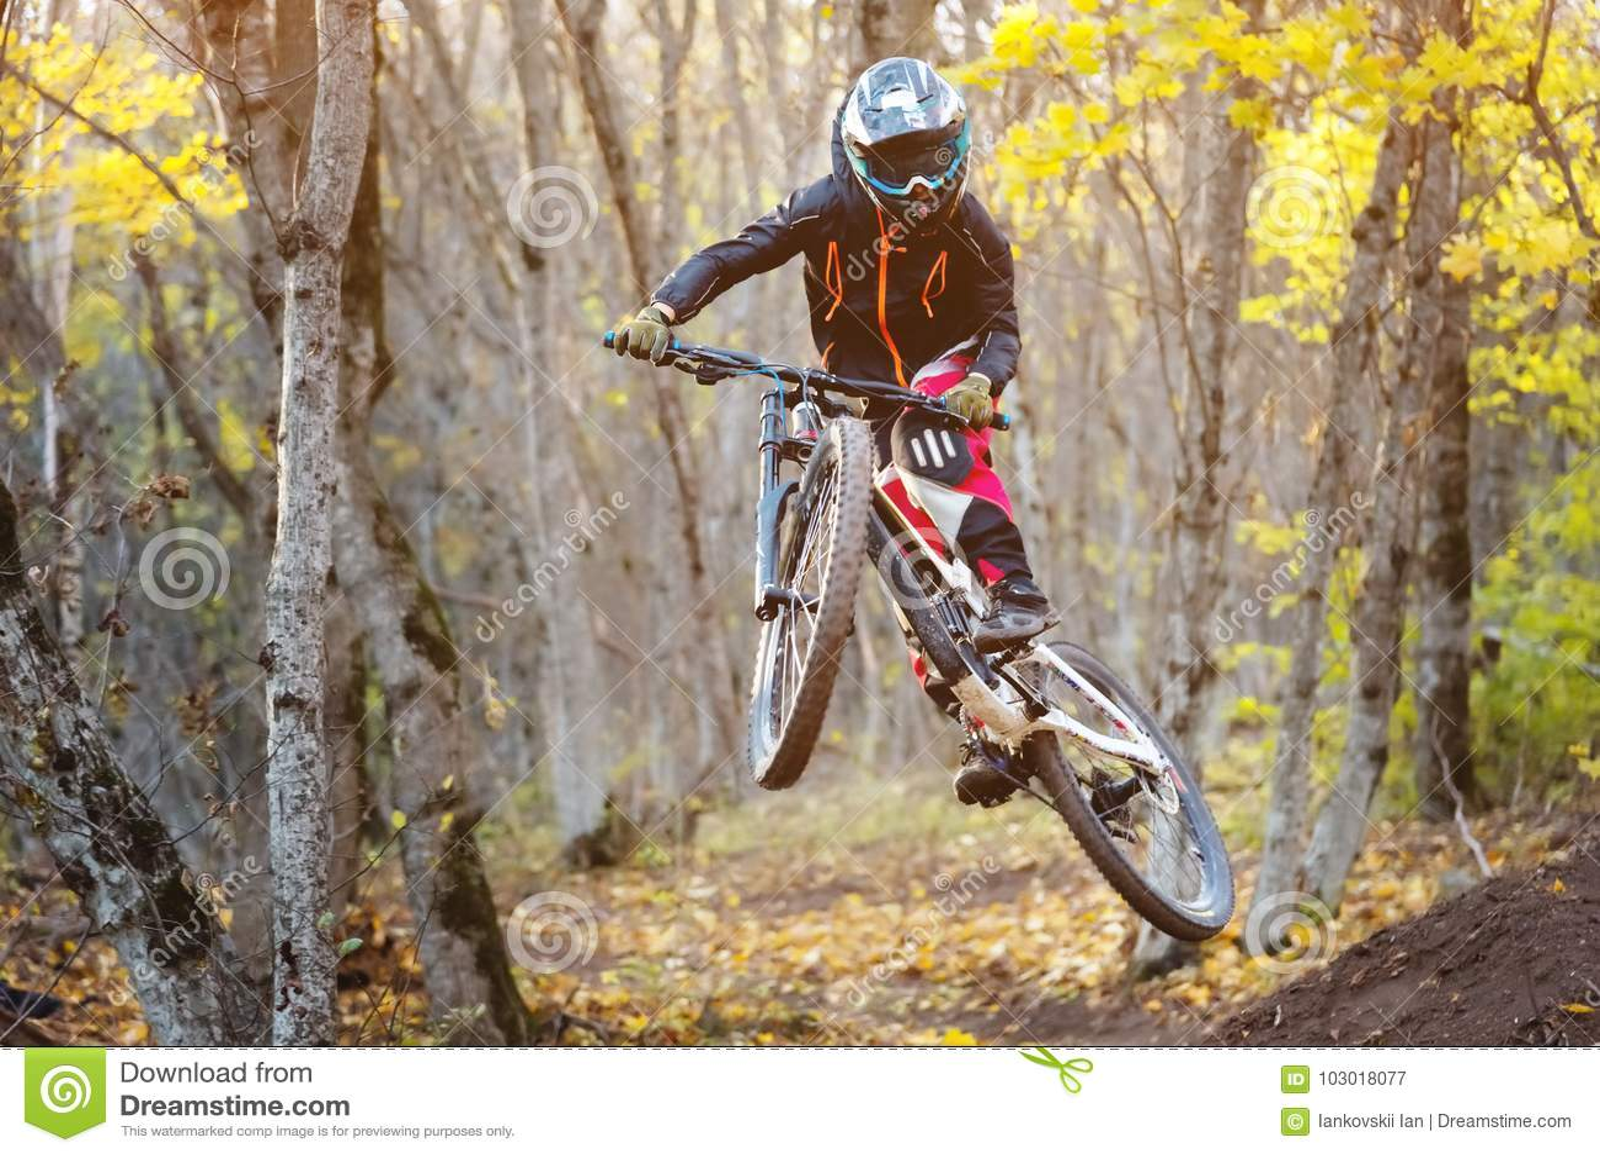 Un giovane cavaliere alla ruota del suo mountain bike fa un trucco nel salto sul trampolino della montagna in discesa